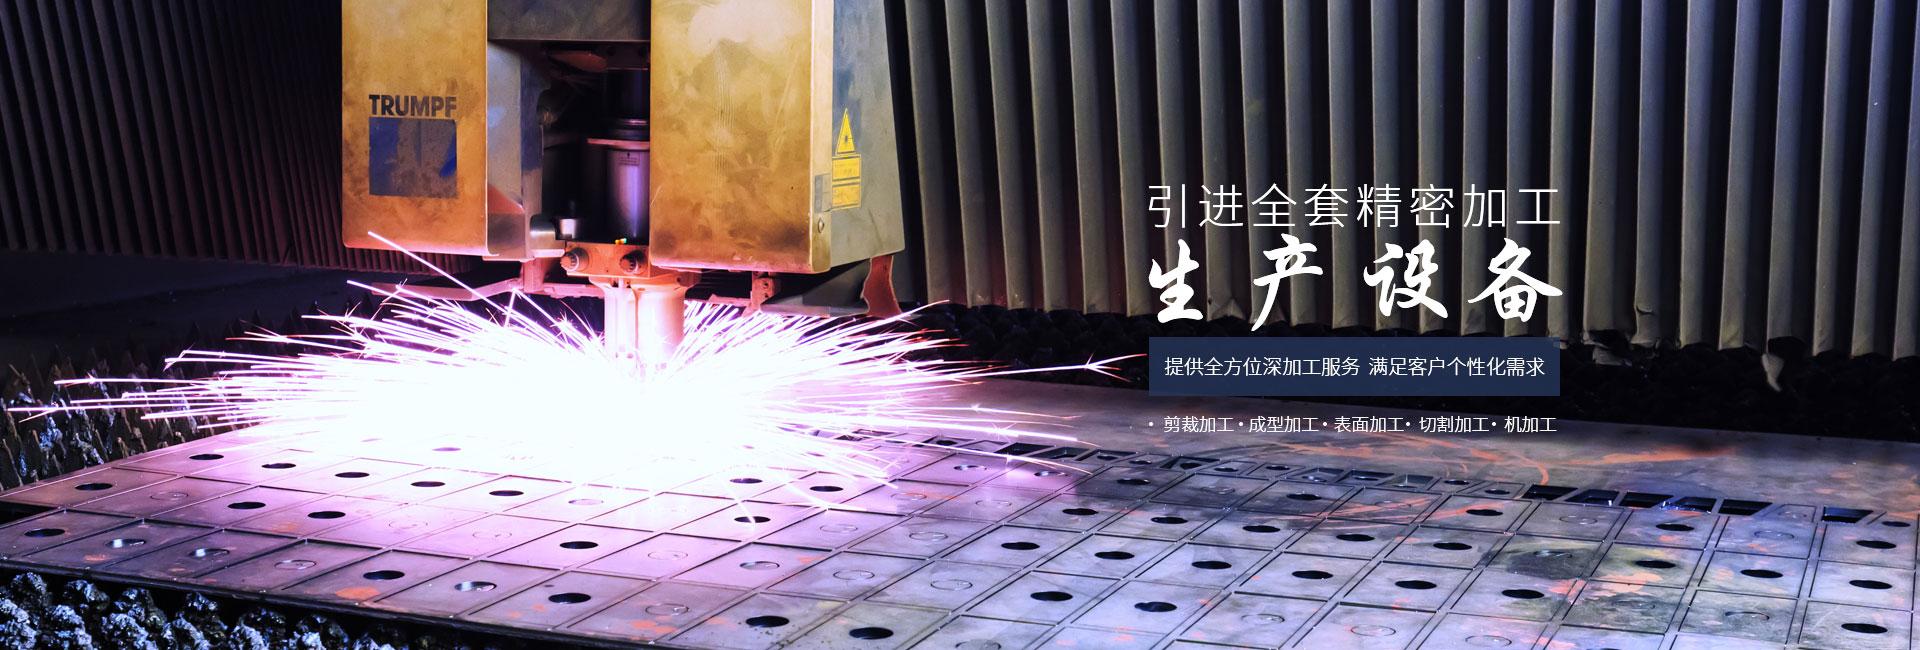 海润钢铁-引进全套精密加工生产设备